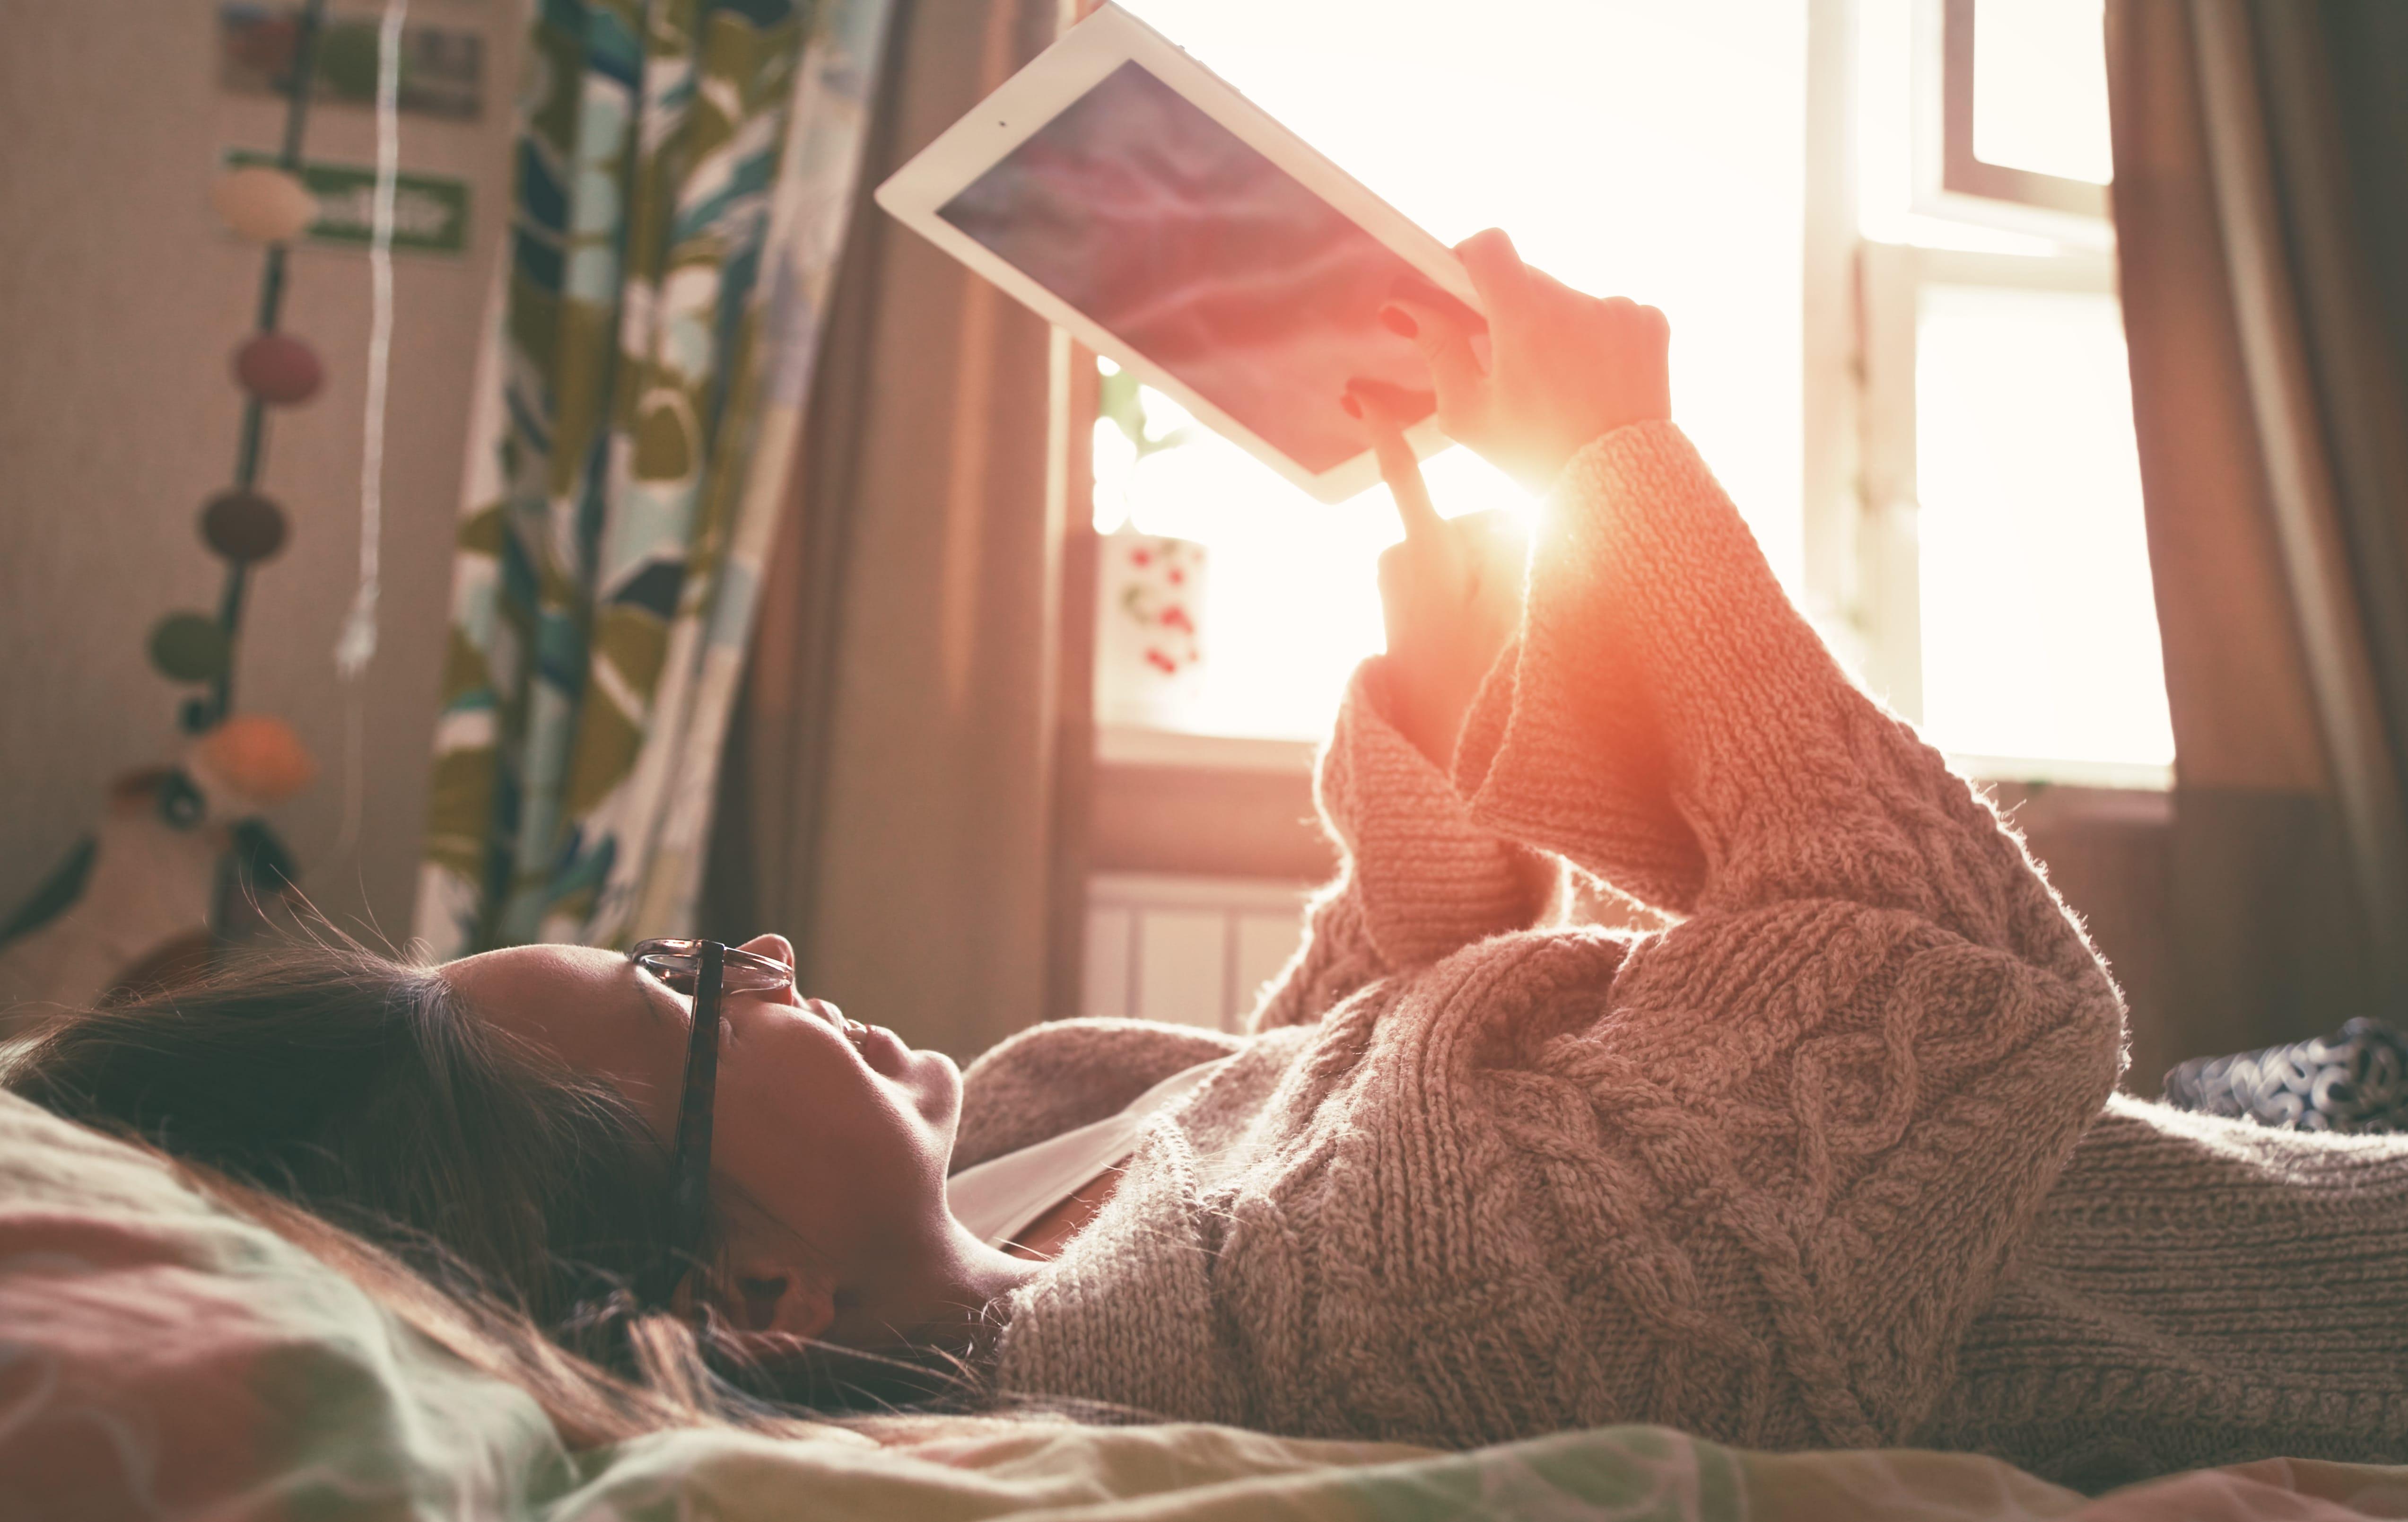 Mädchen lies im Bett mit ihrem Tablet